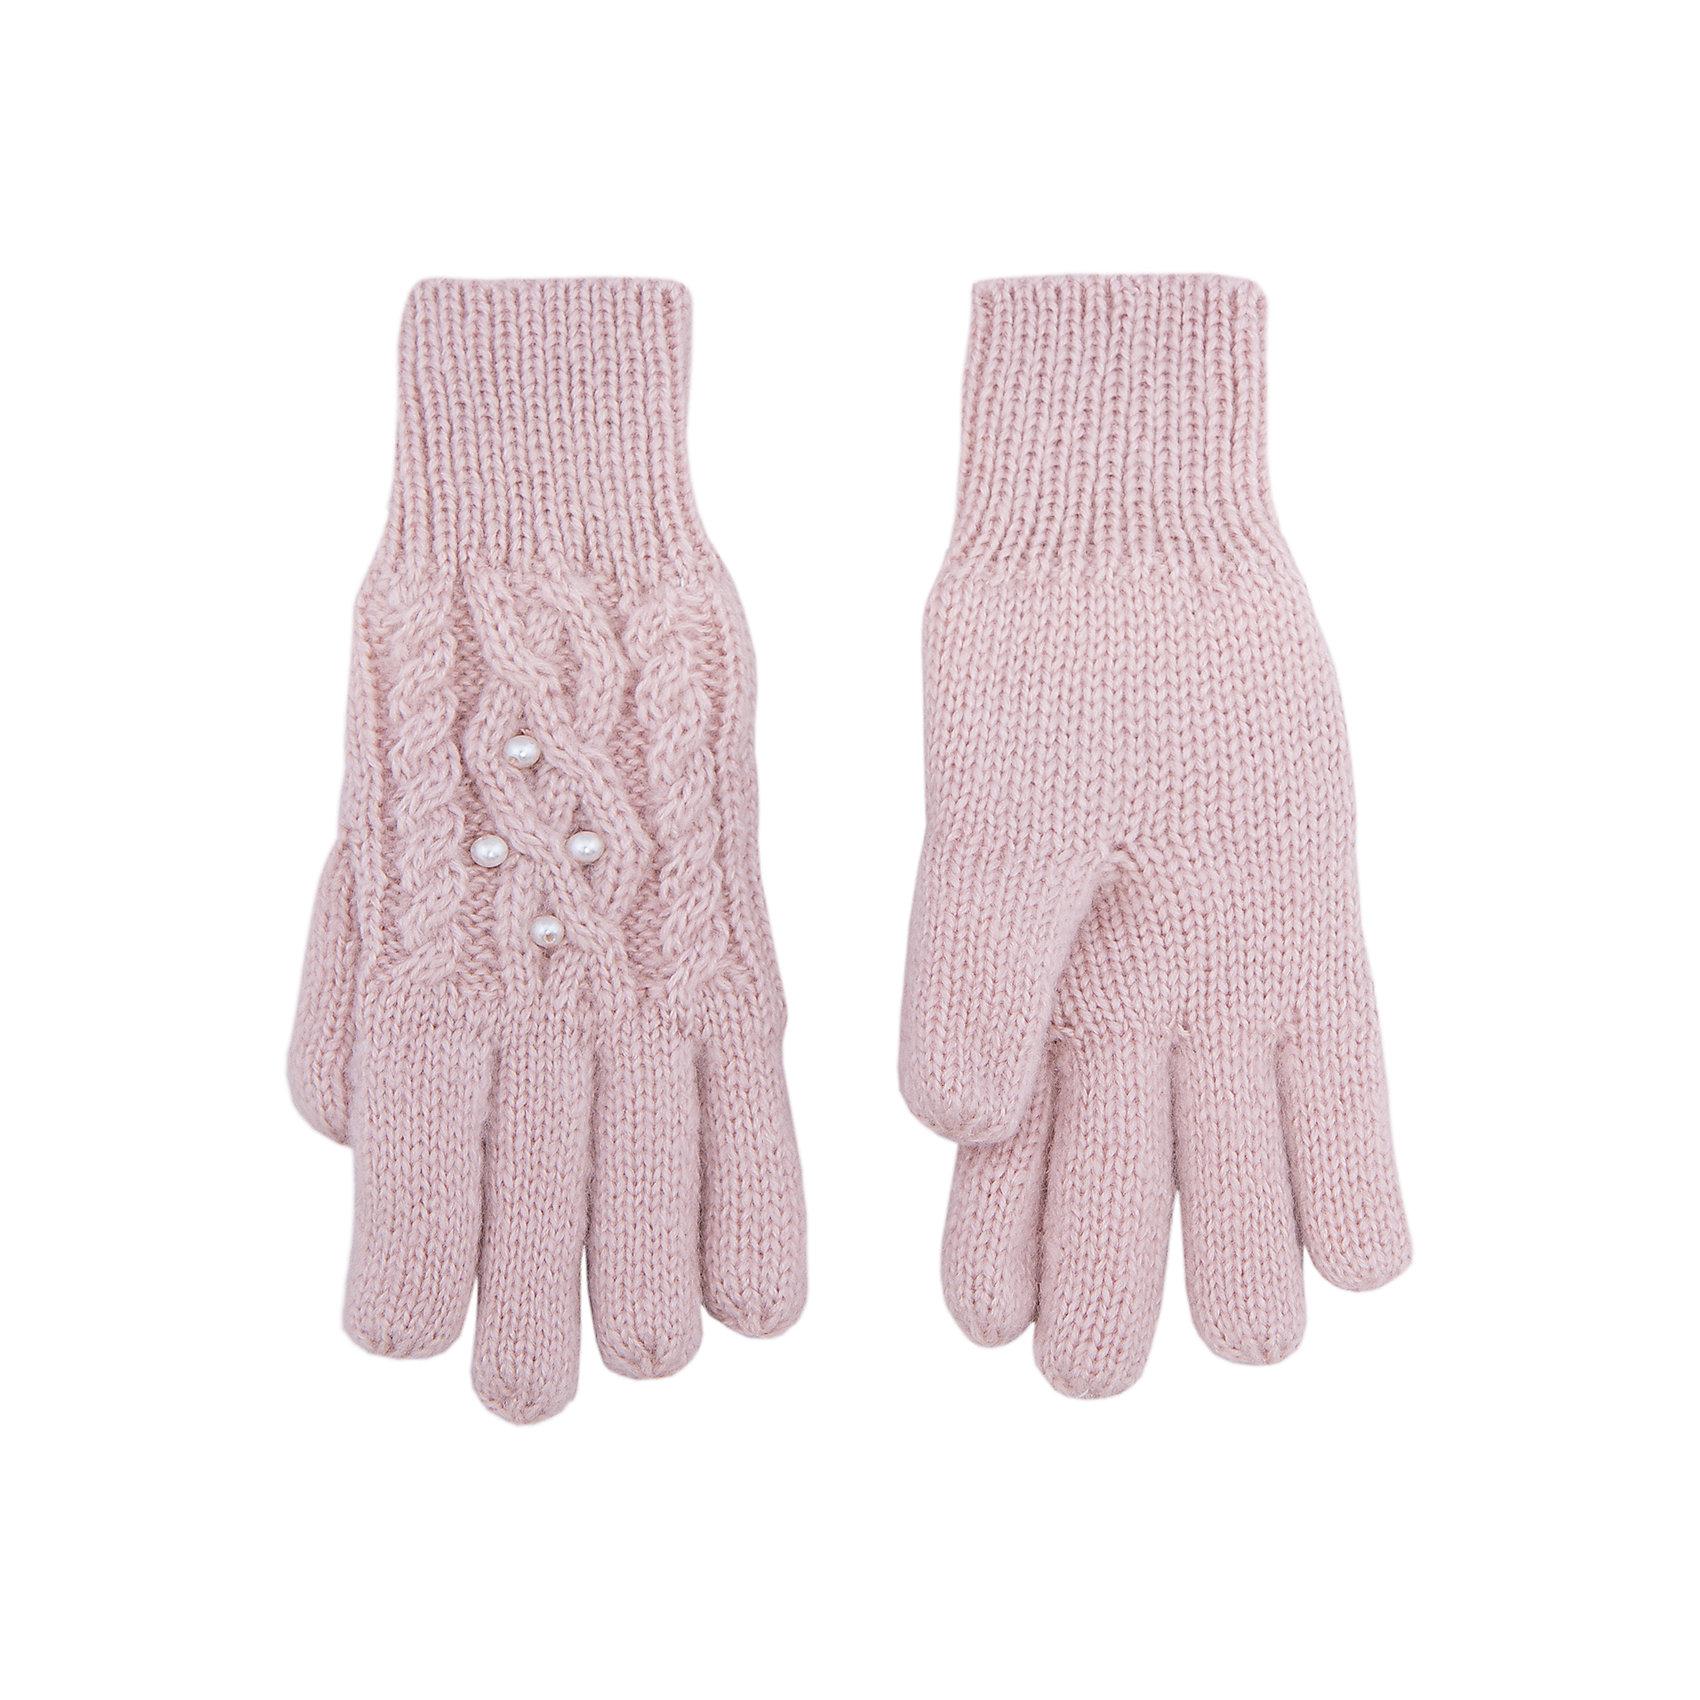 Перчатки для девочки SELAУдобные теплые перчатки - незаменимая вещь в прохладное время года. Эта модель отлично сидит на ребенке, она сделана из плотного материала, позволяет гулять с комфортом на свежем воздухе зимой. Качественная пряжа не вызывает аллергии и обеспечивает ребенку комфорт. Модель будет уместна в различных сочетаниях.<br>Одежда от бренда Sela (Села) - это качество по приемлемым ценам. Многие российские родители уже оценили преимущества продукции этой компании и всё чаще приобретают одежду и аксессуары Sela.<br><br>Дополнительная информация:<br><br>украшены бусинами;<br>материал: 100% акрил; подкладка:100% ПЭ;<br>вязаный узор.<br><br>Перчатки для девочки от бренда Sela можно купить в нашем интернет-магазине.<br><br>Ширина мм: 162<br>Глубина мм: 171<br>Высота мм: 55<br>Вес г: 119<br>Цвет: розовый<br>Возраст от месяцев: 60<br>Возраст до месяцев: 72<br>Пол: Женский<br>Возраст: Детский<br>Размер: 3,16<br>SKU: 5020150